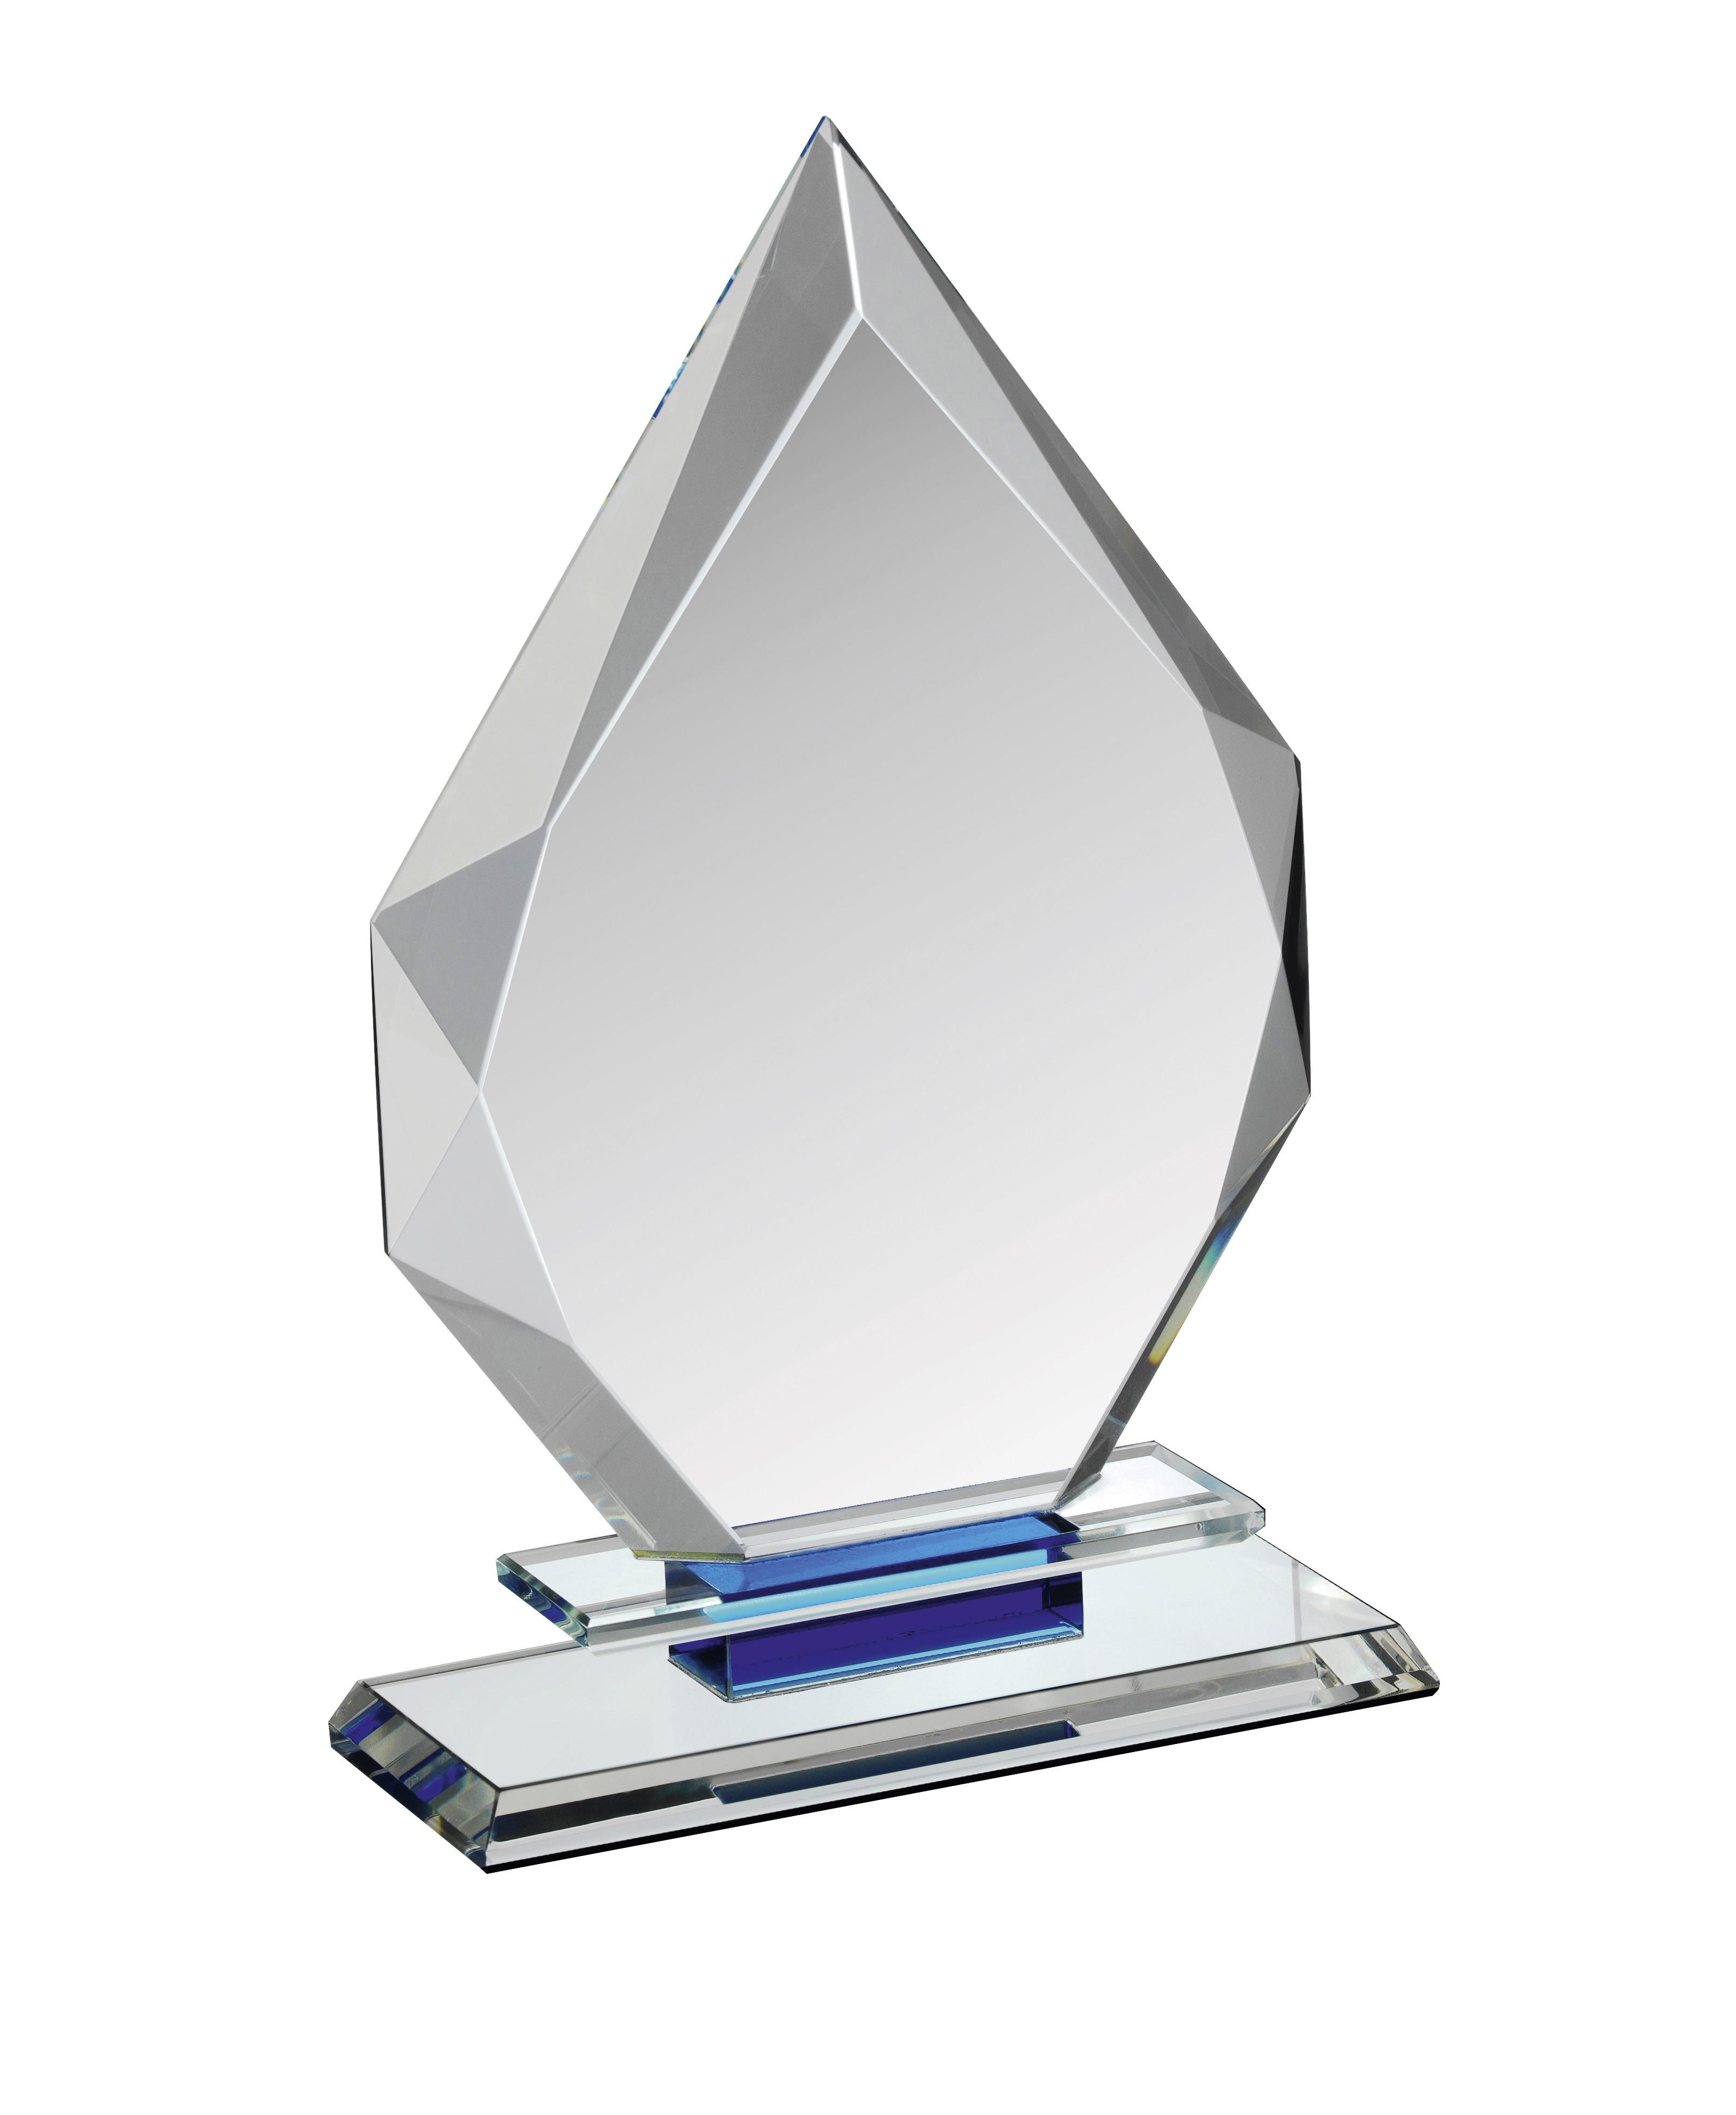 17.5cm Clear & Blue Crystal Award in Box